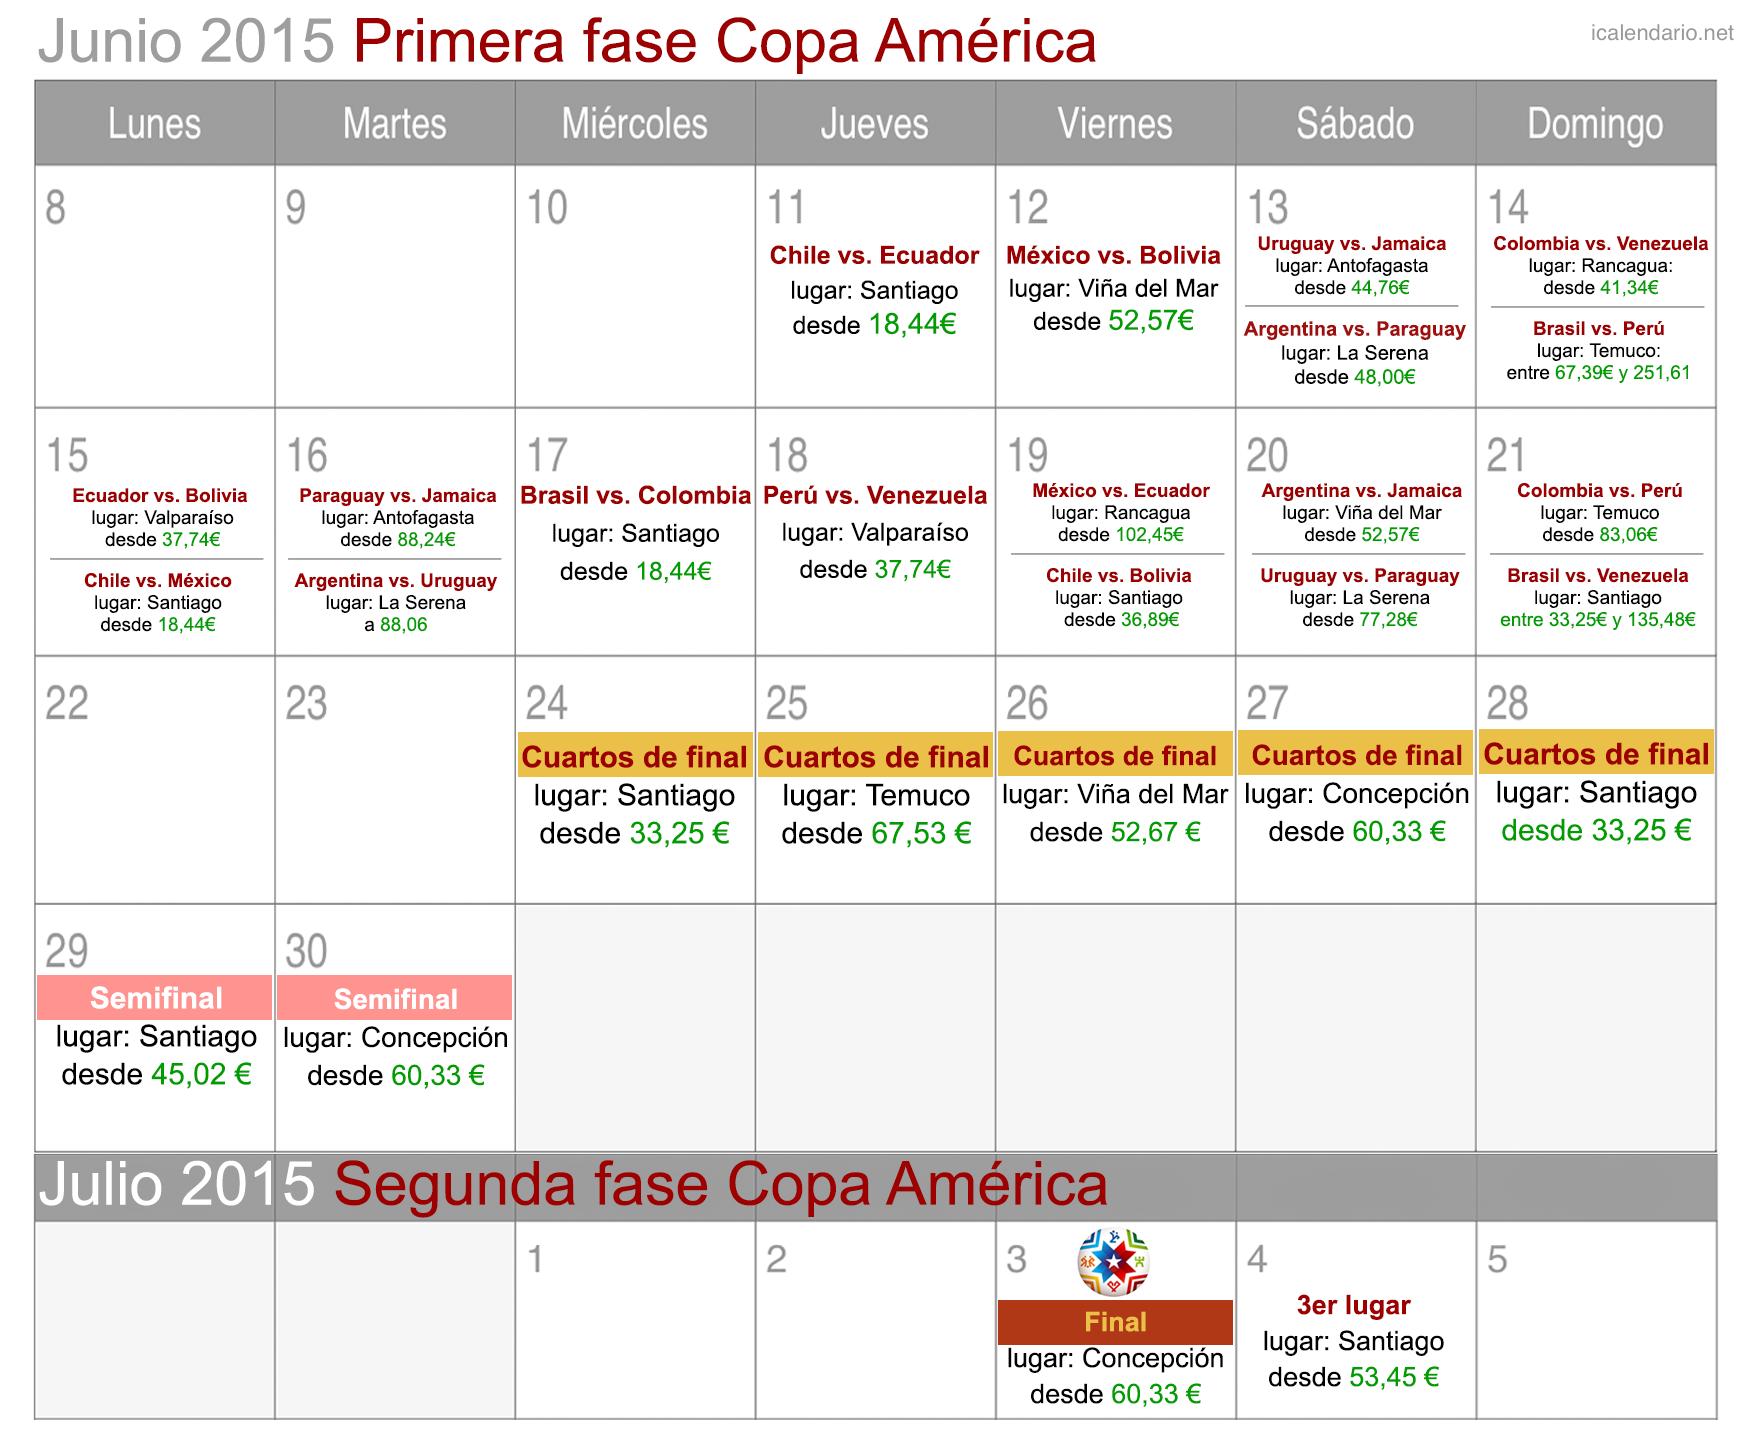 Mapa con los encuentros de la Copa América.